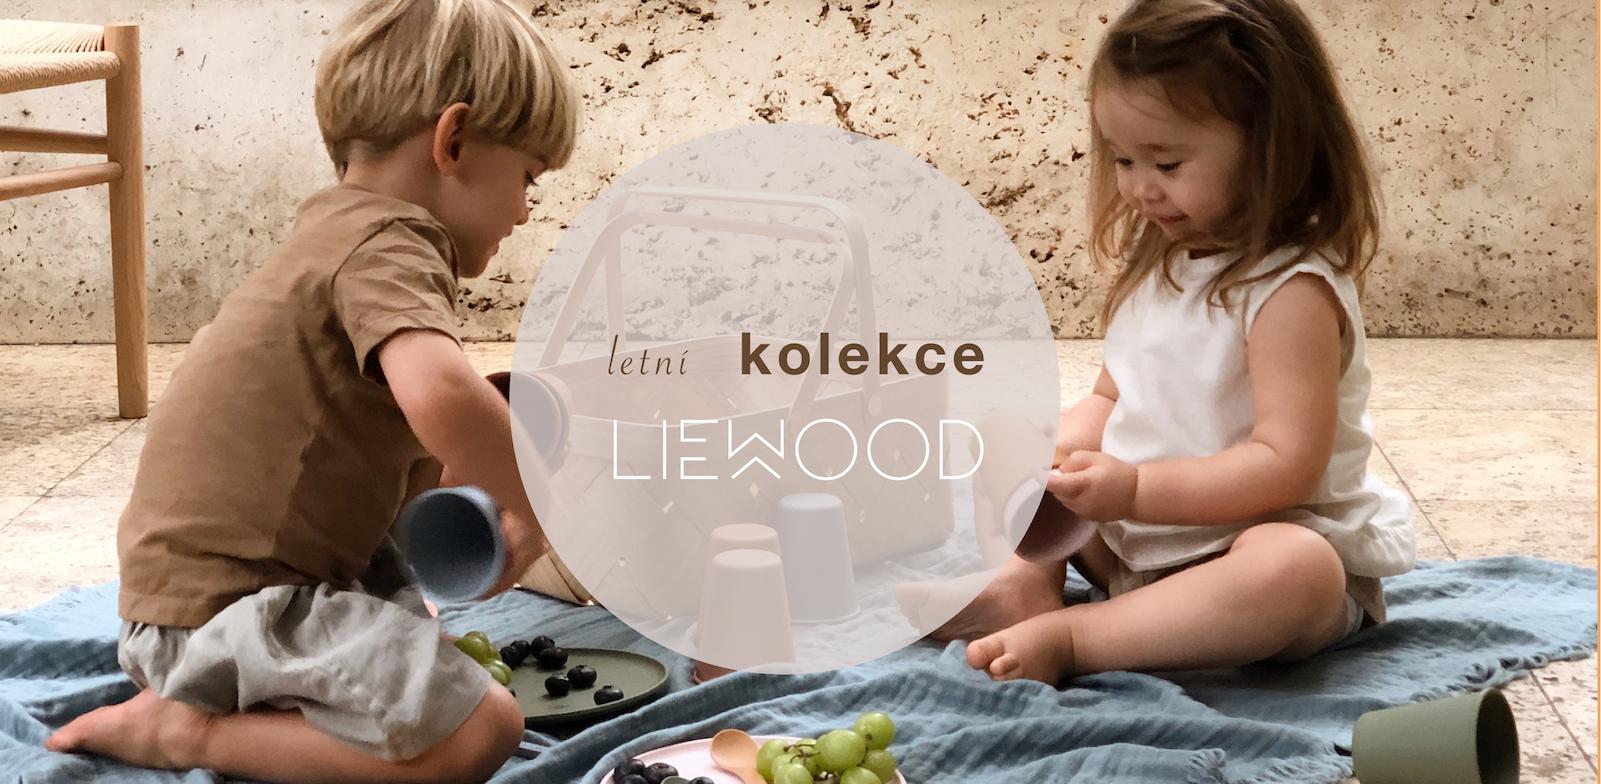 Letní kolekce dánských Liewood